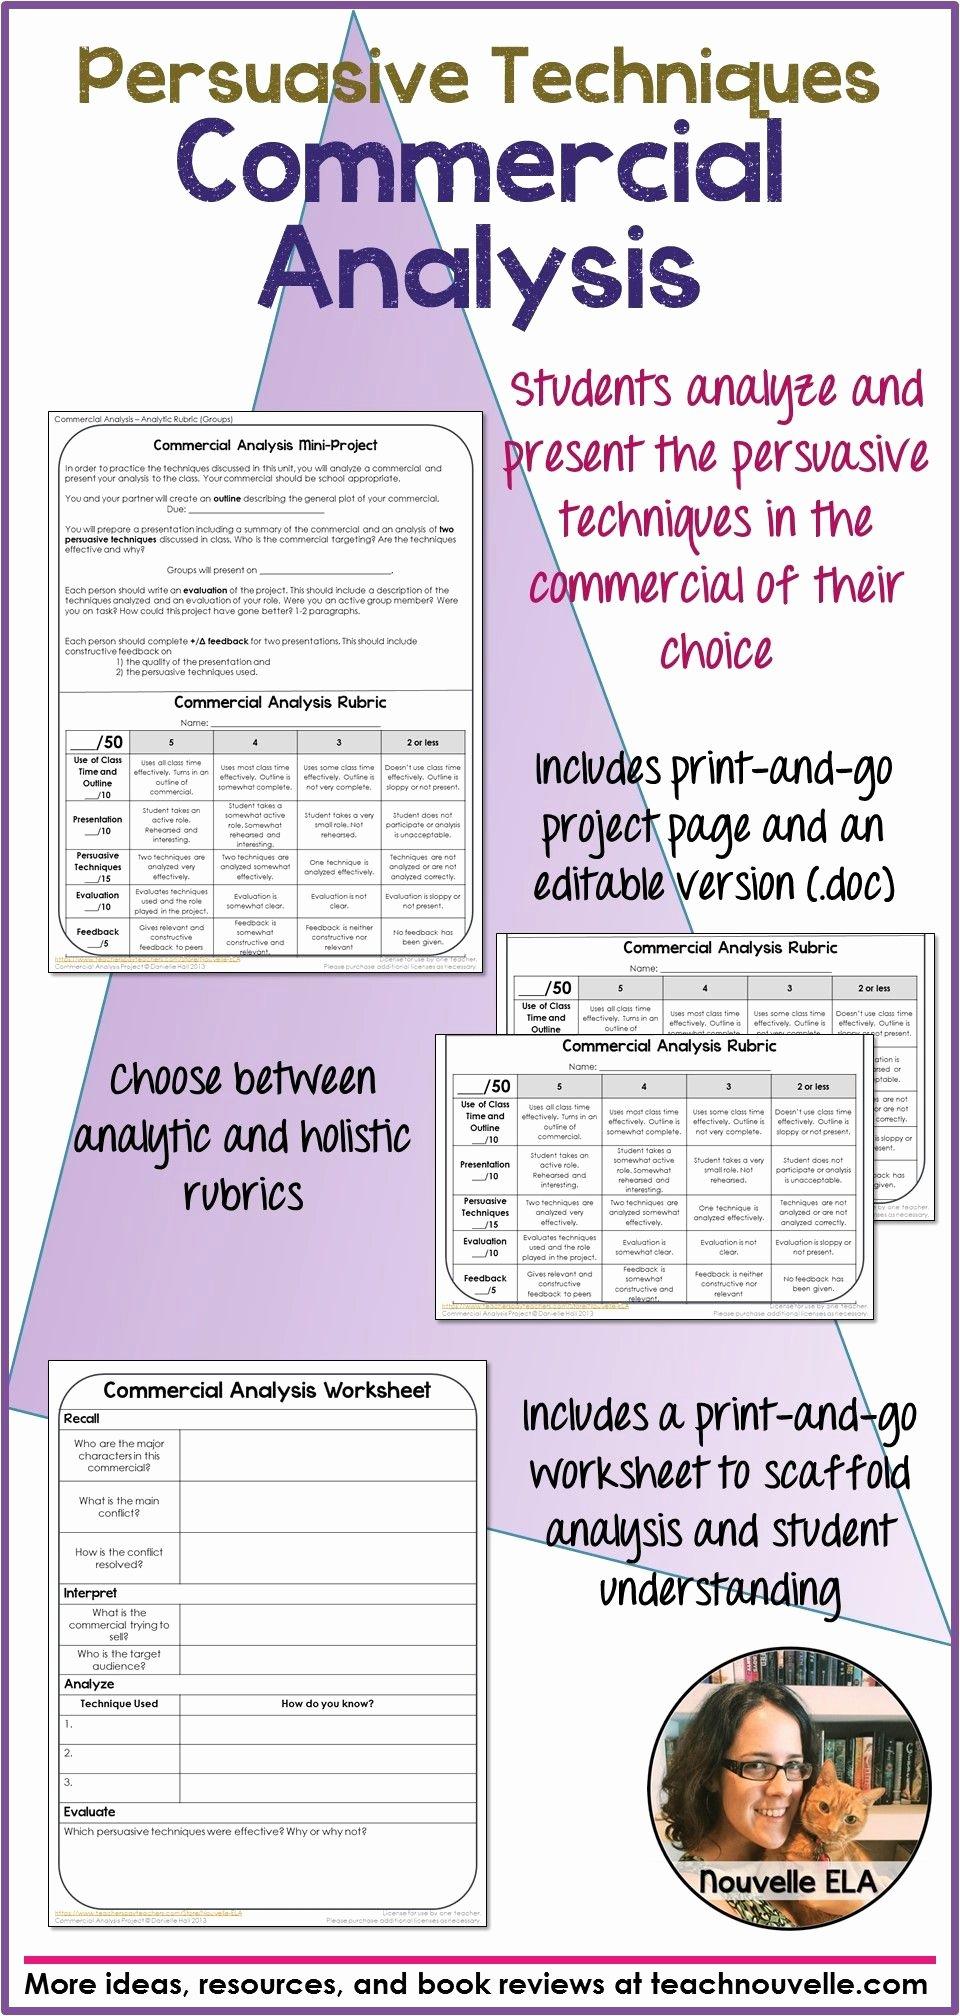 Ethos Pathos Logos Worksheet Answers New Persuasive Language Using Ethos Pathos and Logos Worksheet